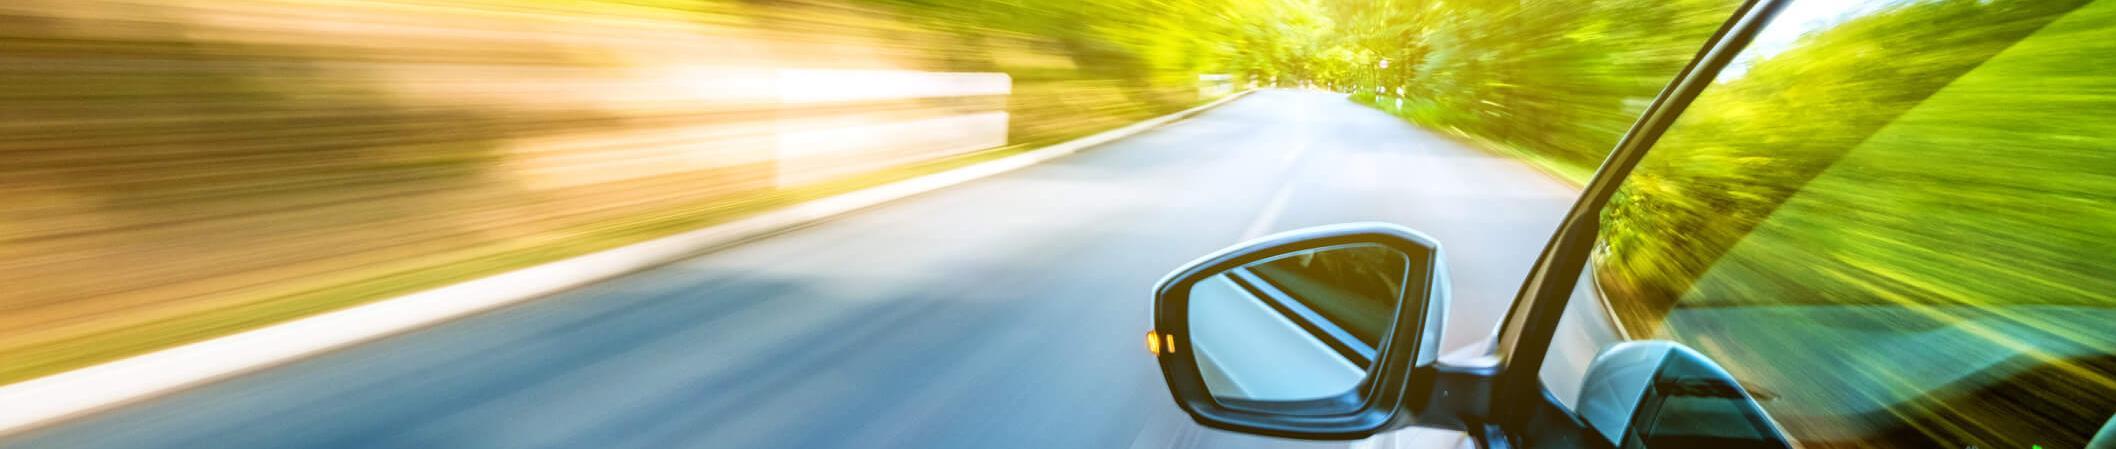 Les accidents de la route : réduire sa vitesse au volant